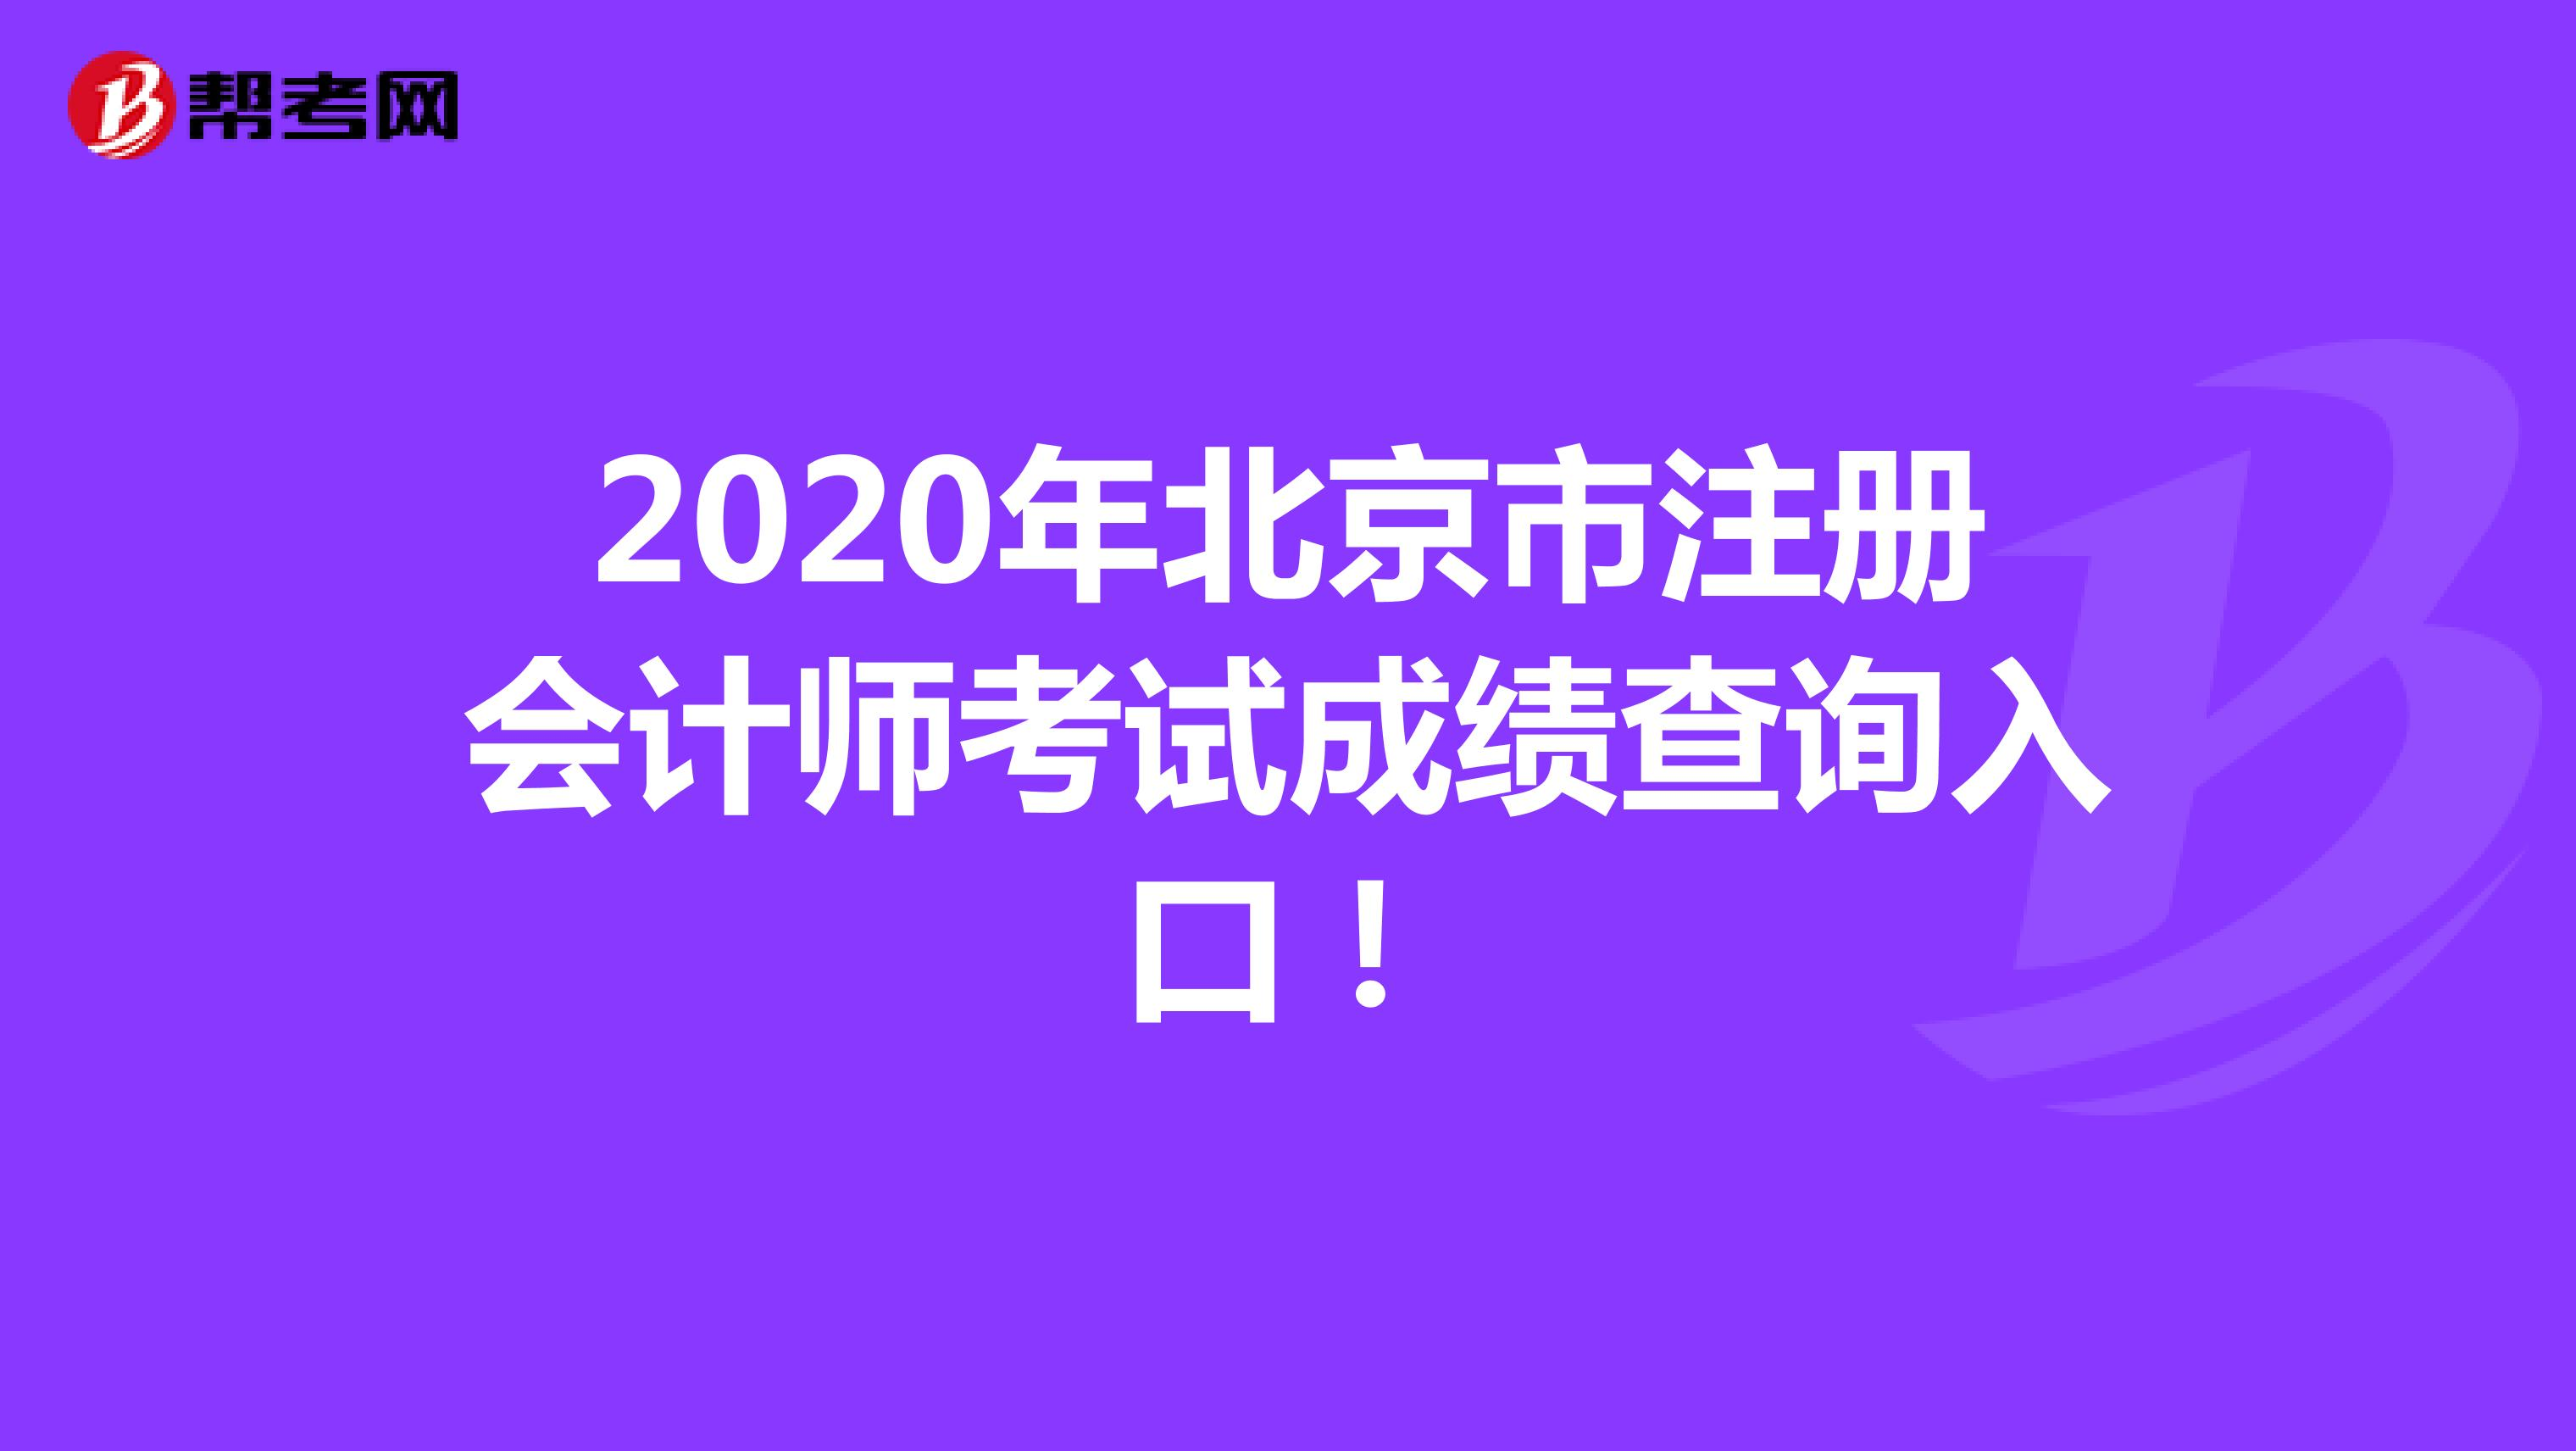 2020年北京市注冊會計師考試成績查詢入口!